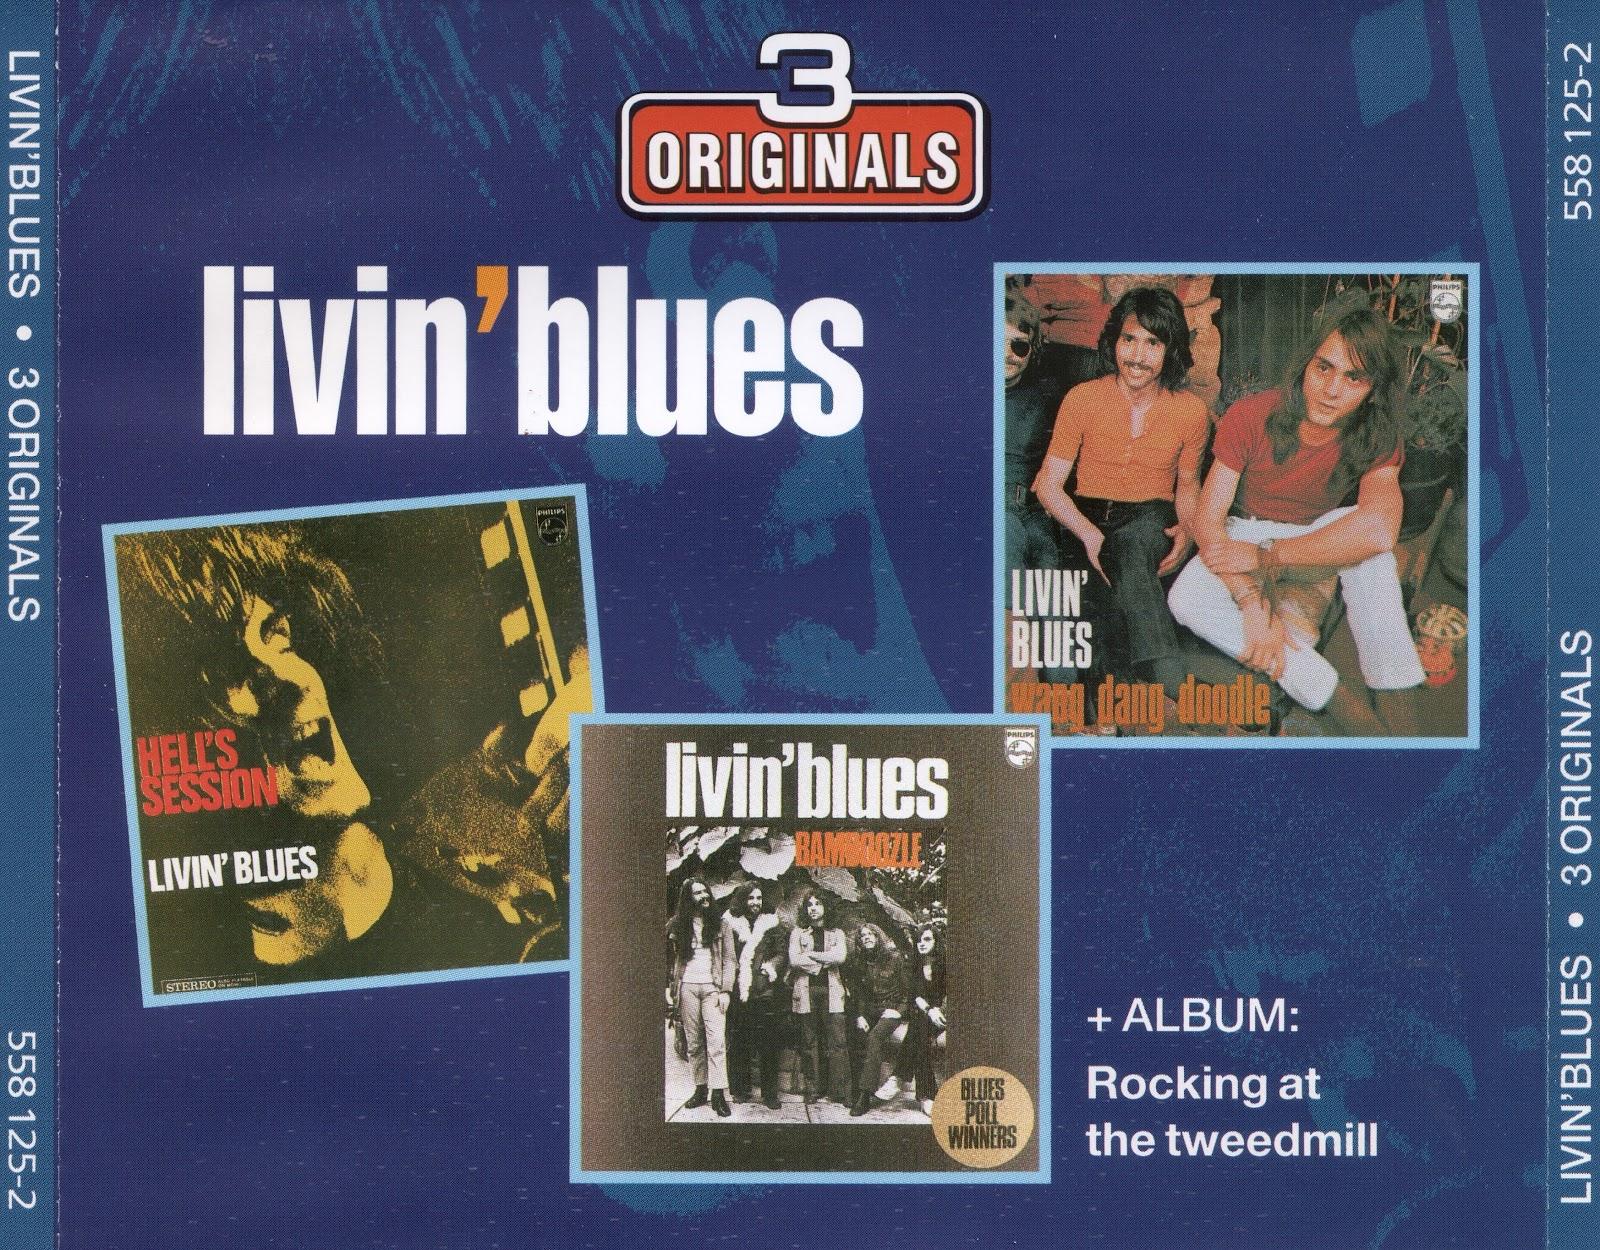 Livin' Blues - 3 Originals (Hell's Session, Wang Dang Doodle